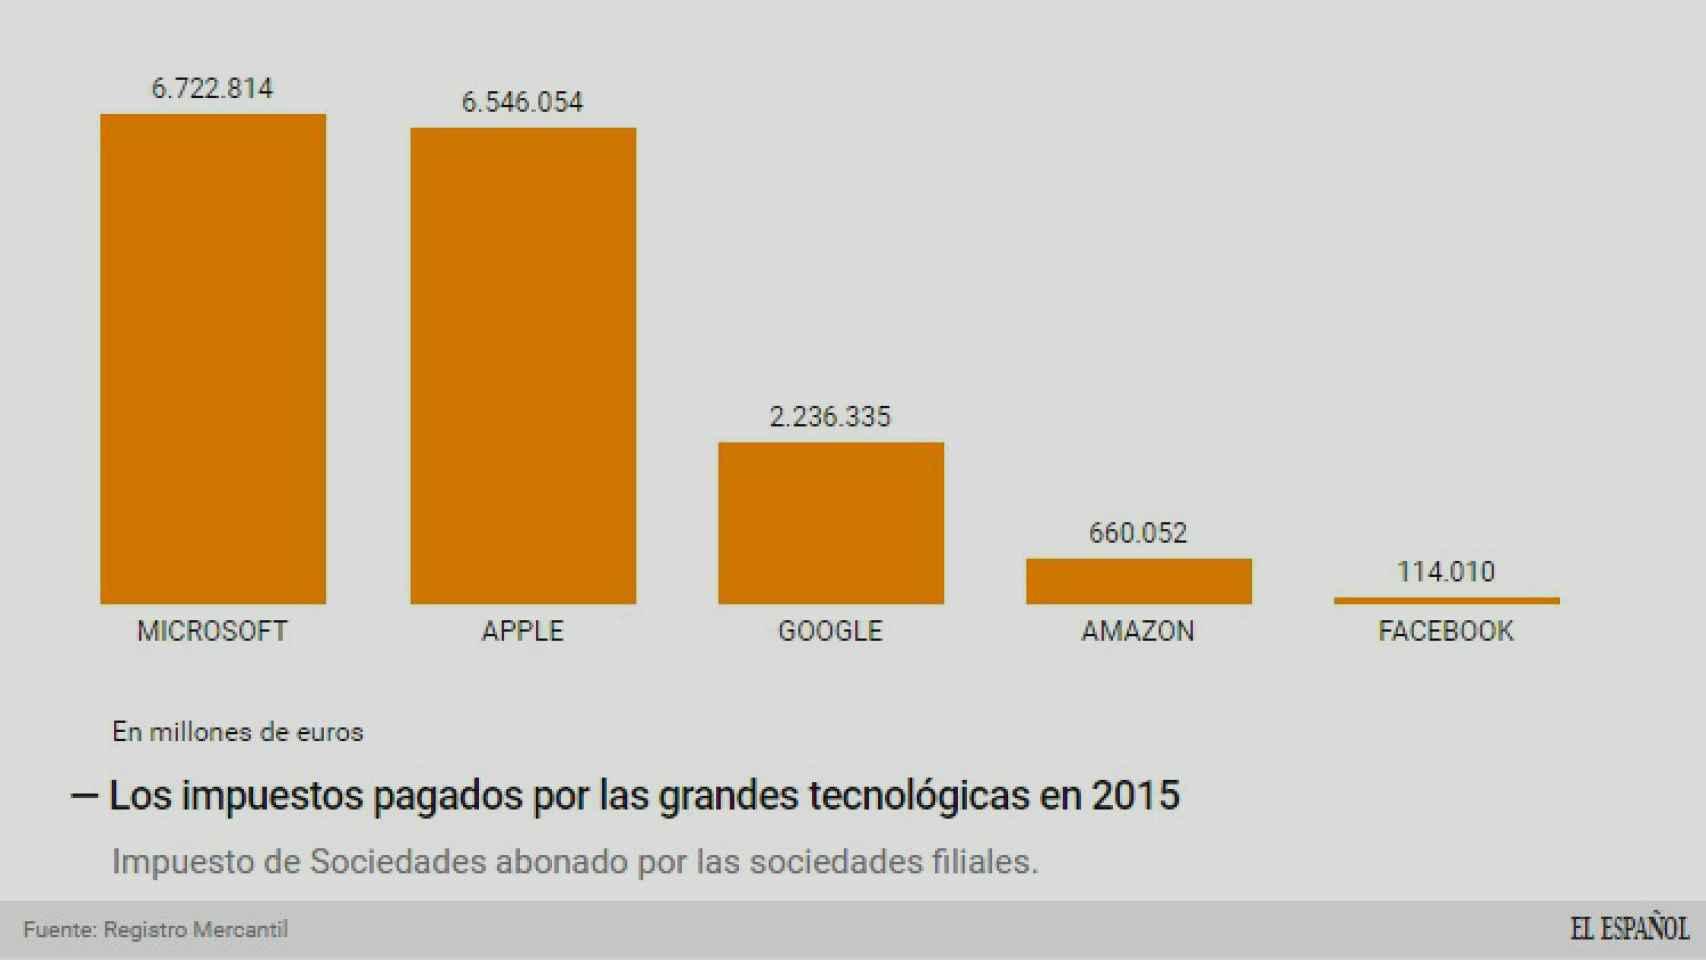 La evolución de los impuestos de las grandes tecnológicas.